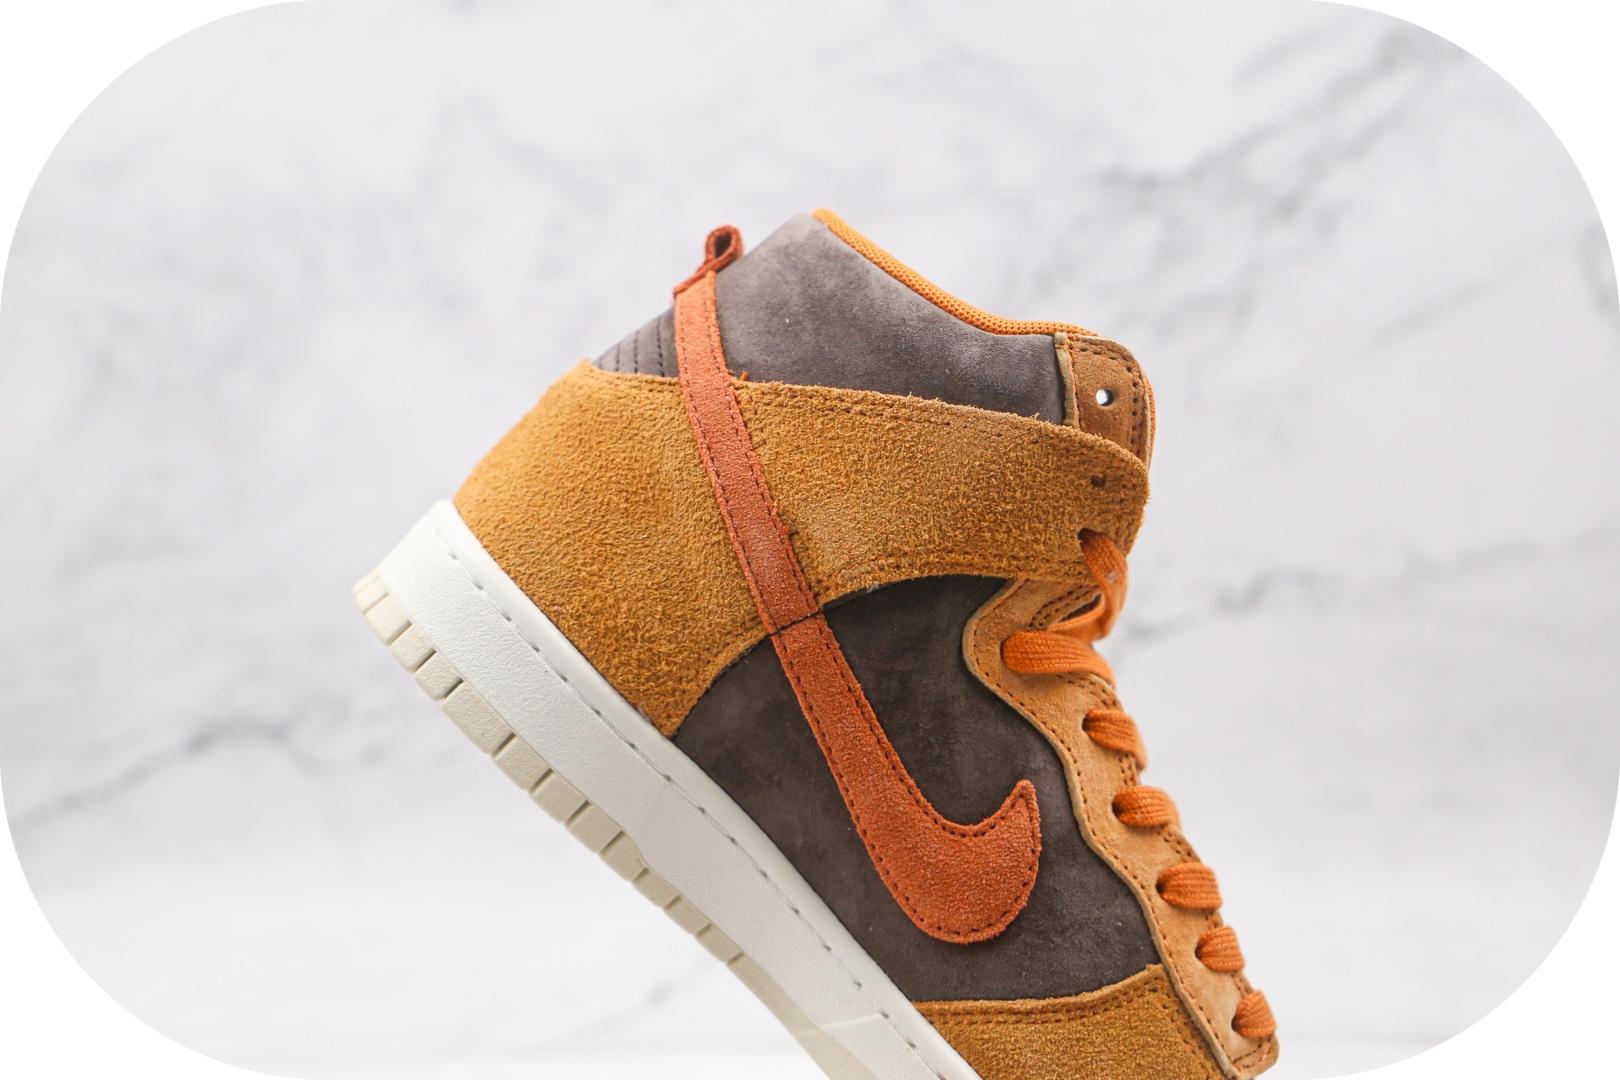 耐克Nike Dunk High Dark Curry纯原版本高帮DUNK黑咖喱麂皮黄褐色板鞋原盒原标 货号:DD1401-200